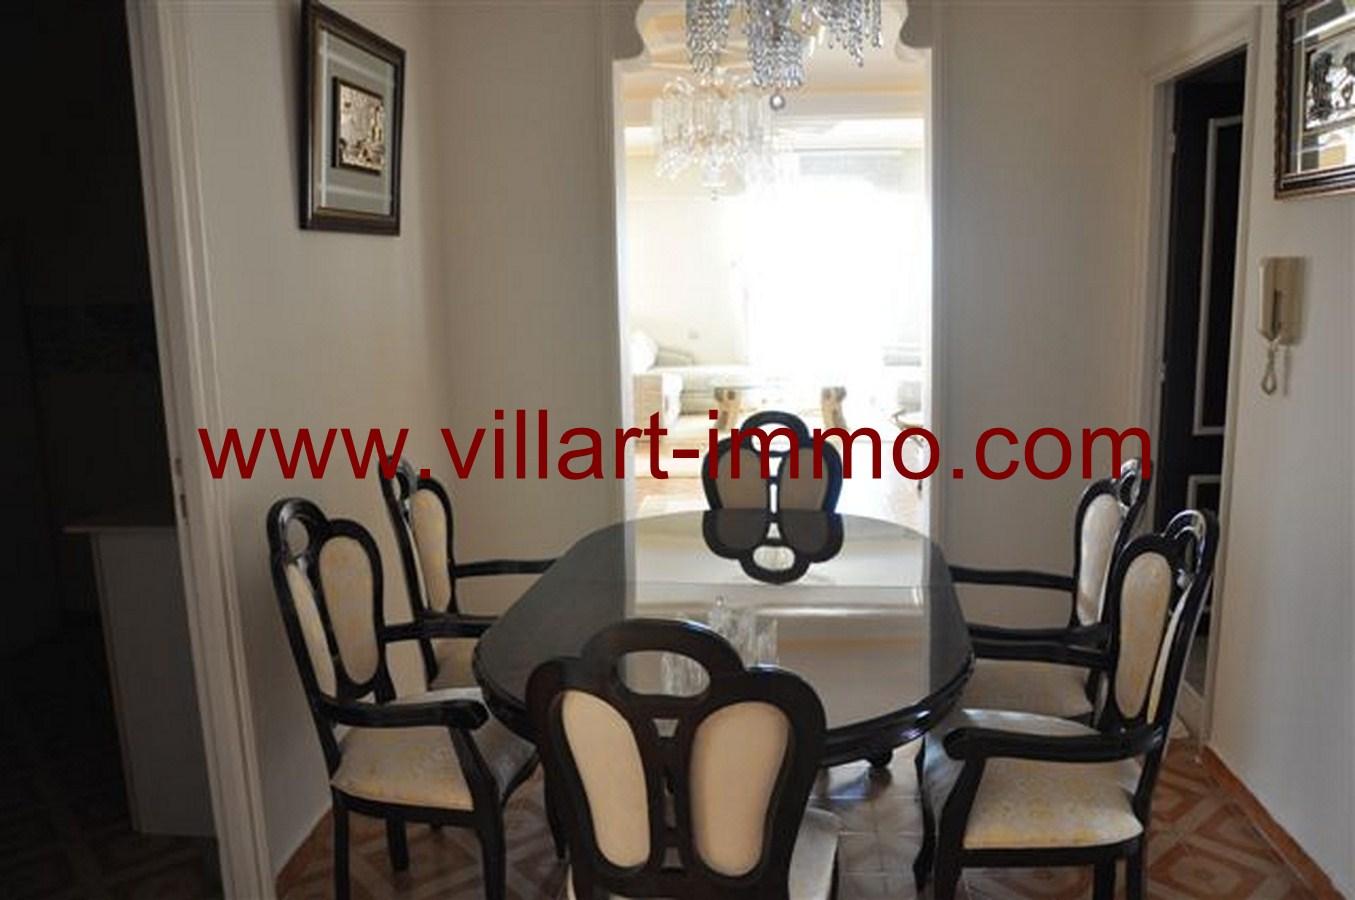 2-Appartement-Meublé-Salle à manger-Tanger-agence immobilière-villartimmo